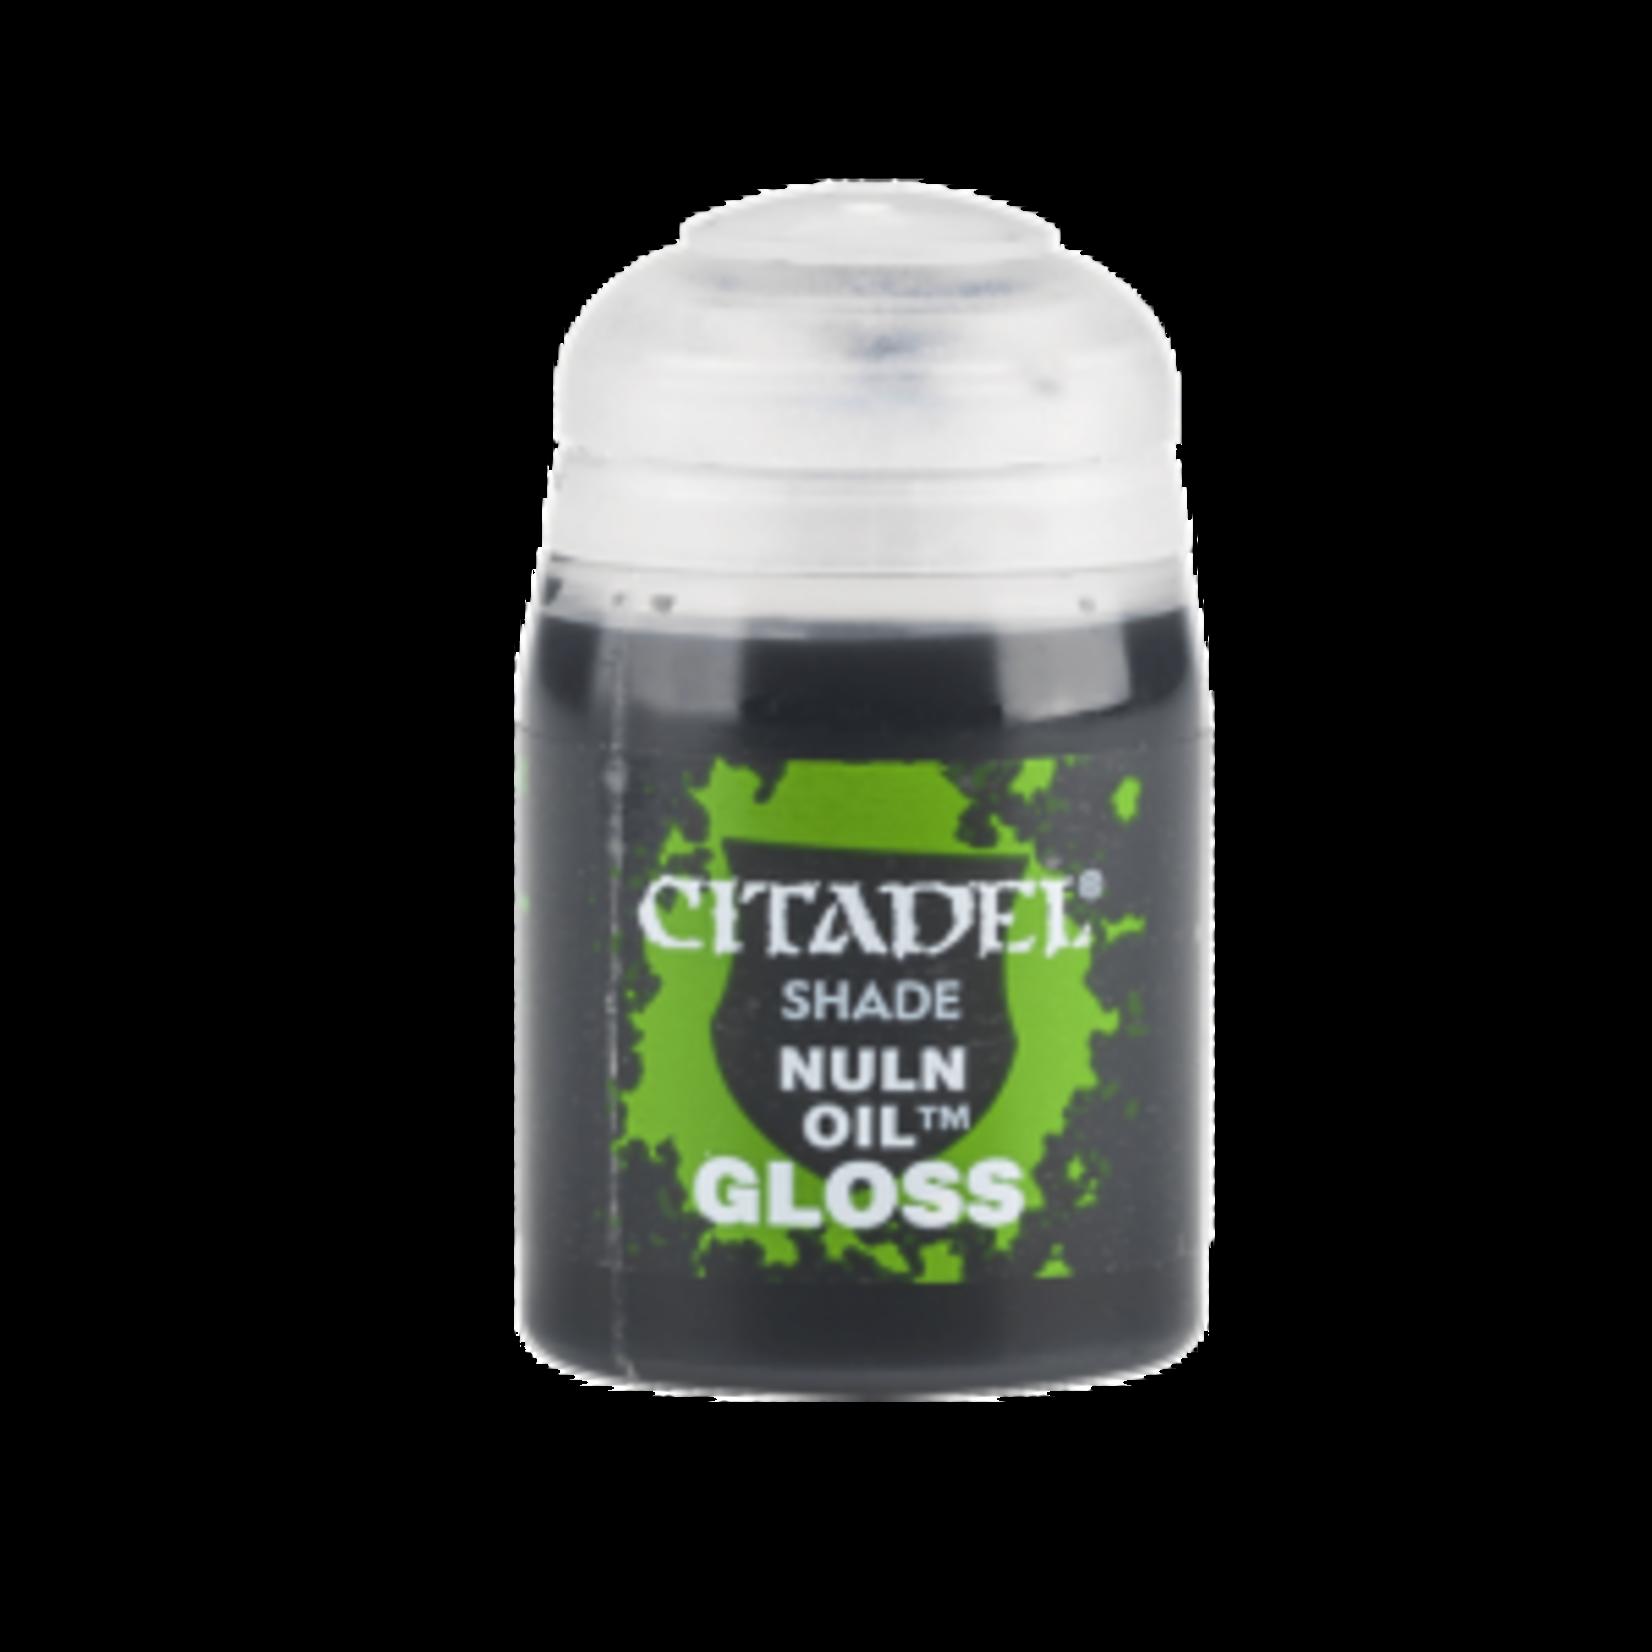 Citadel Shade Nuln Oil Gloss